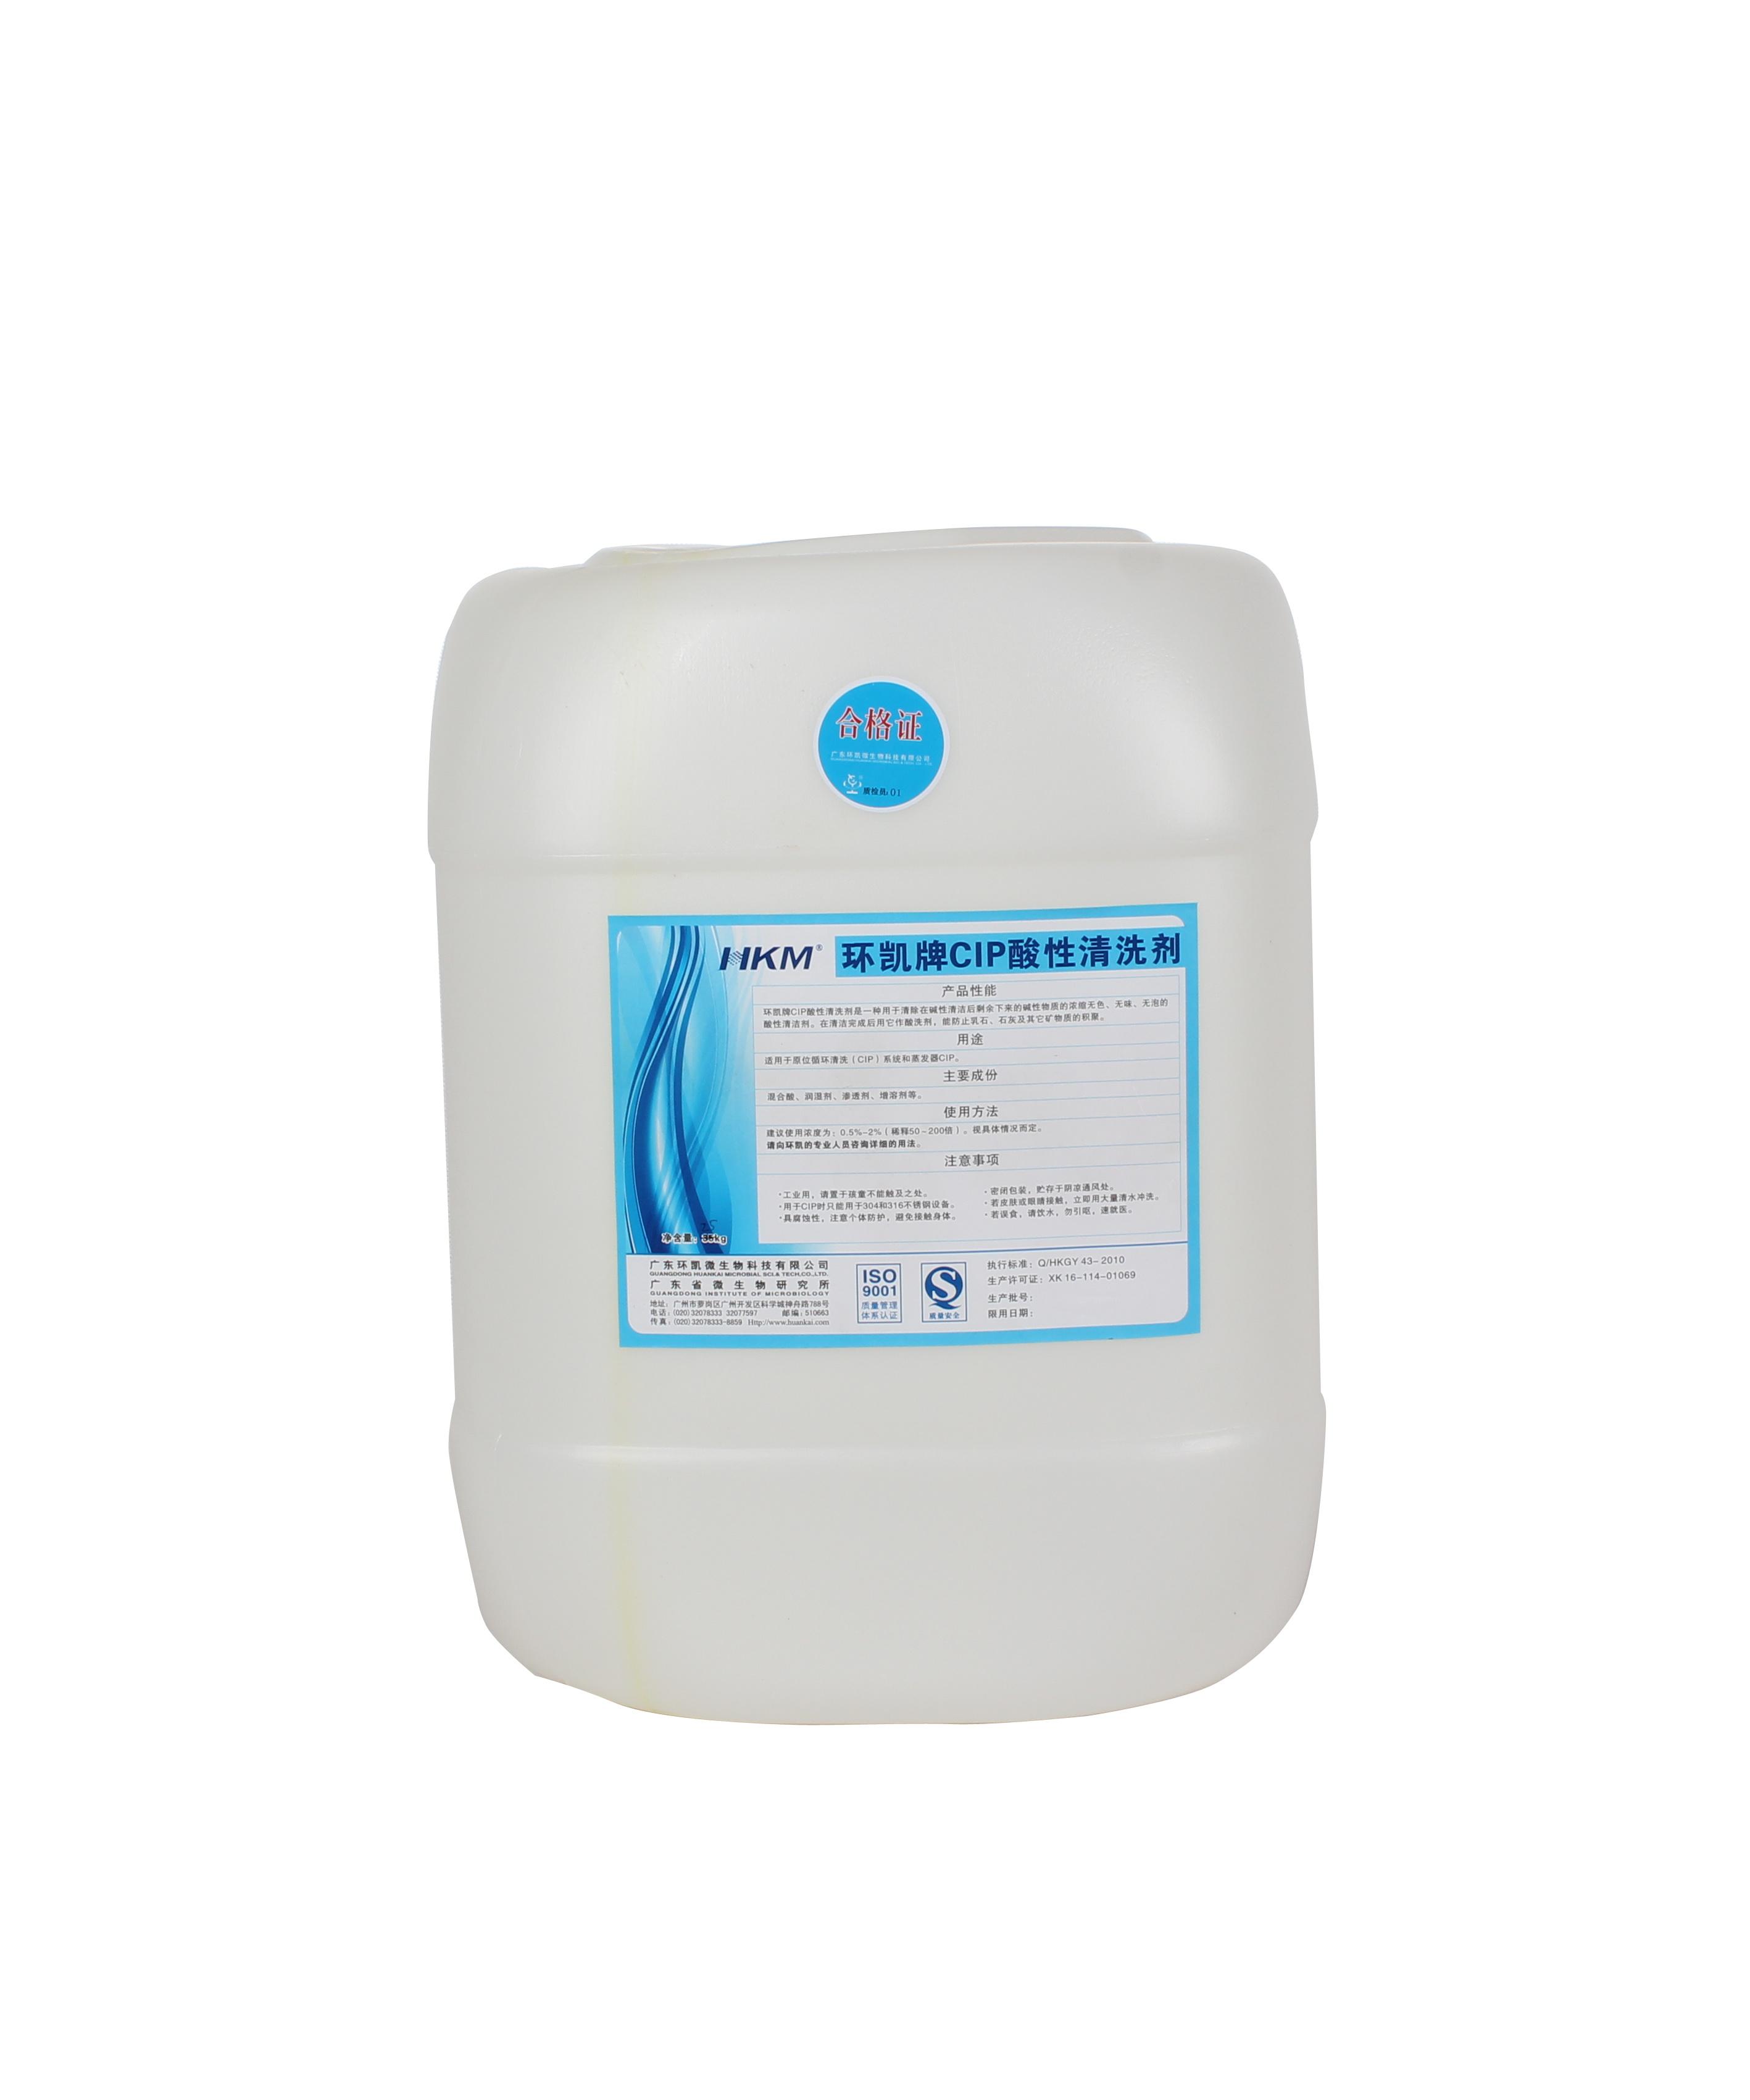 环凯牌CIP酸性清洗剂